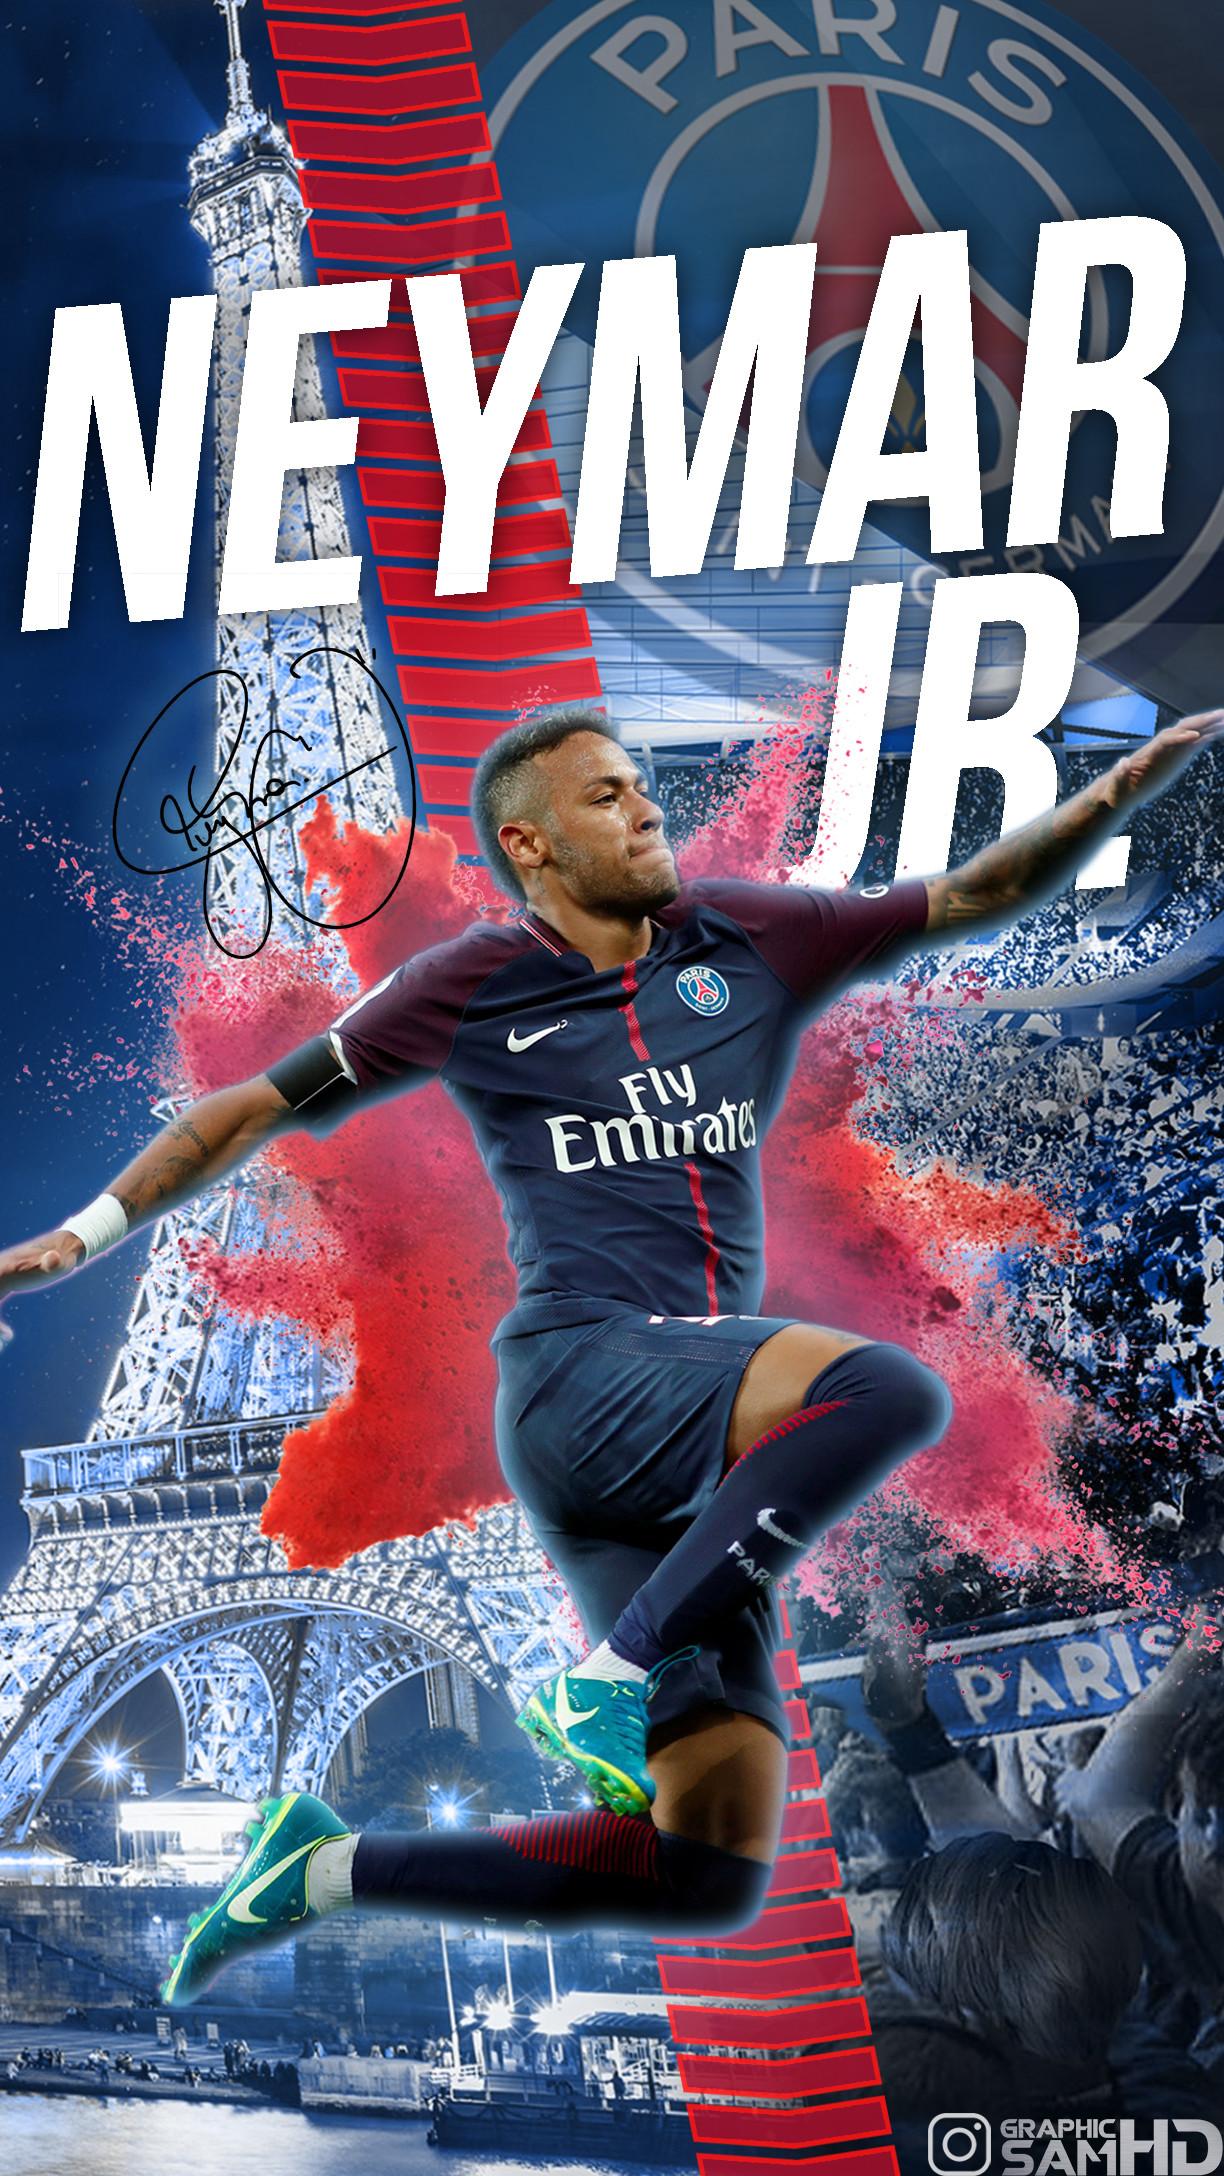 Soccer Iphone Wallpaper Hd Neymar Jr Wallpaper 2018 183 ①